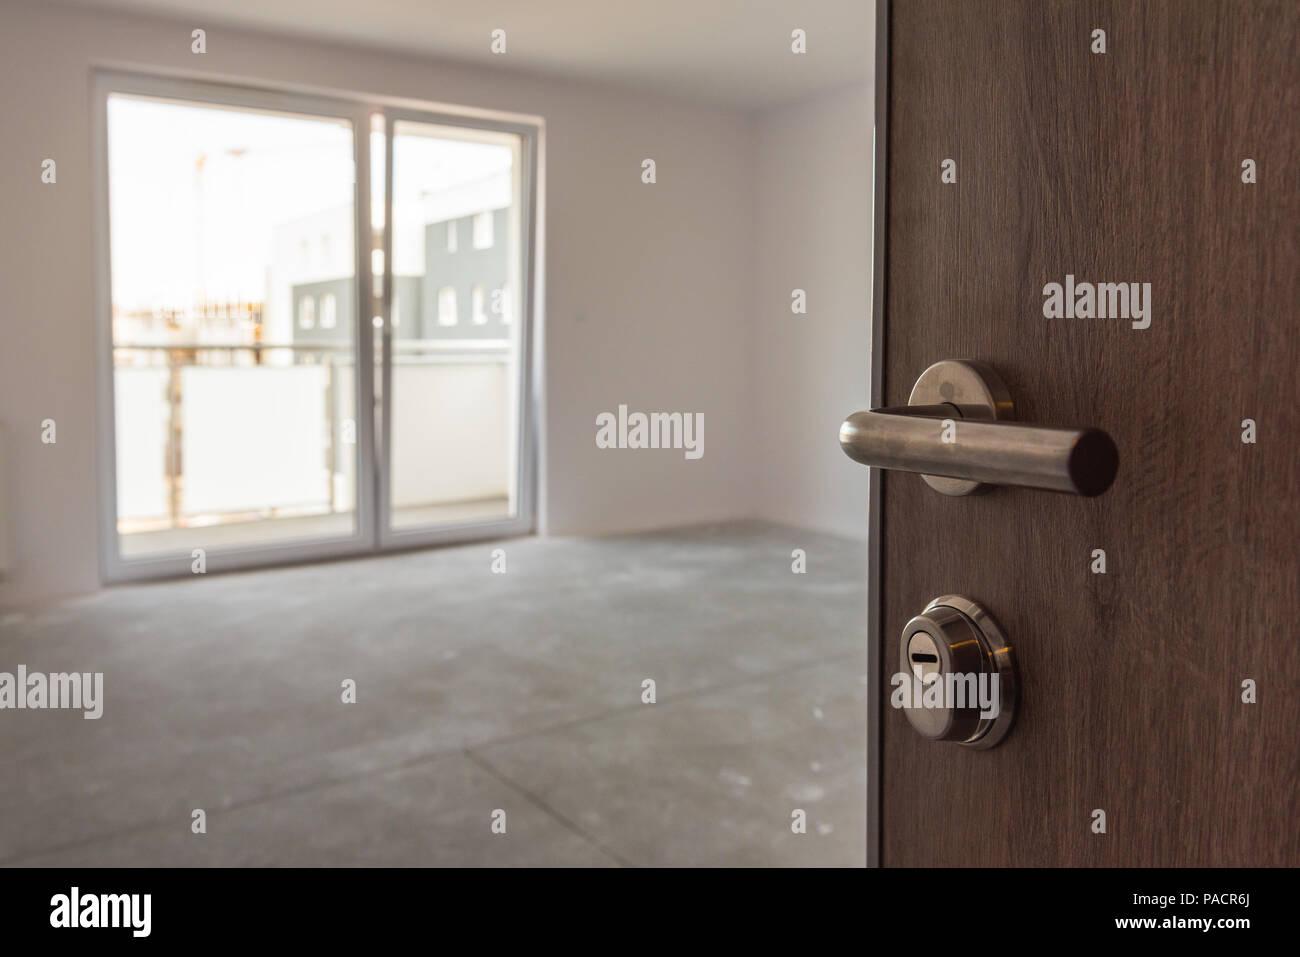 Wohnzimmer Tür, hälfte - die tür öffnen, wohnzimmer im bau in der neuen europäischen, Design ideen